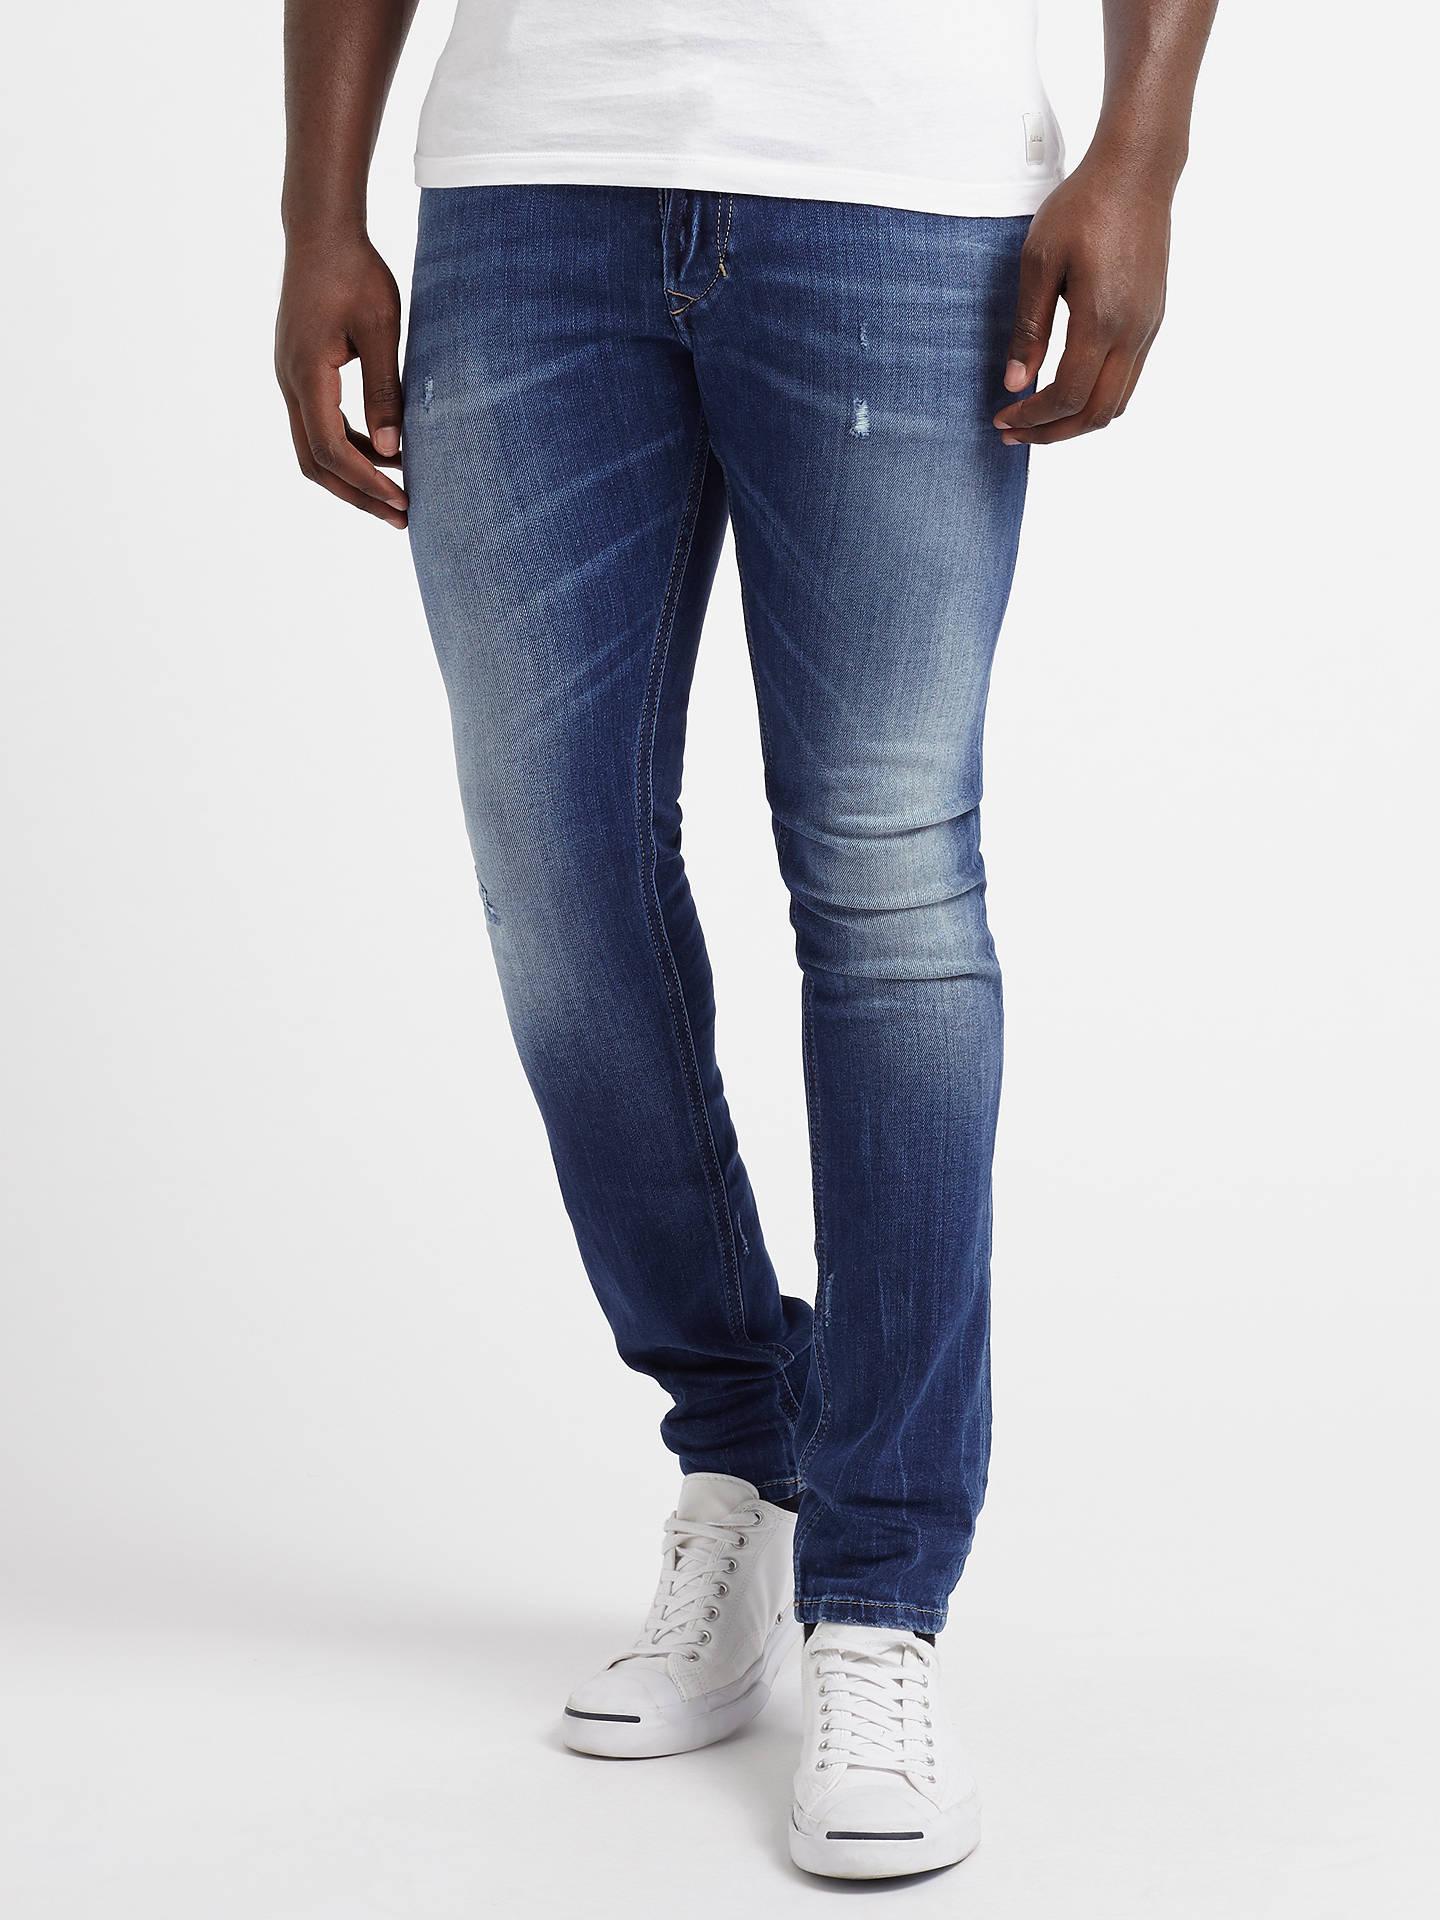 2019 rabatt verkauf heiß-verkaufender Beamter hohe Qualitätsgarantie Diesel Tepphar 084GG Slim Jeans, Mid Blue Distressed at John ...